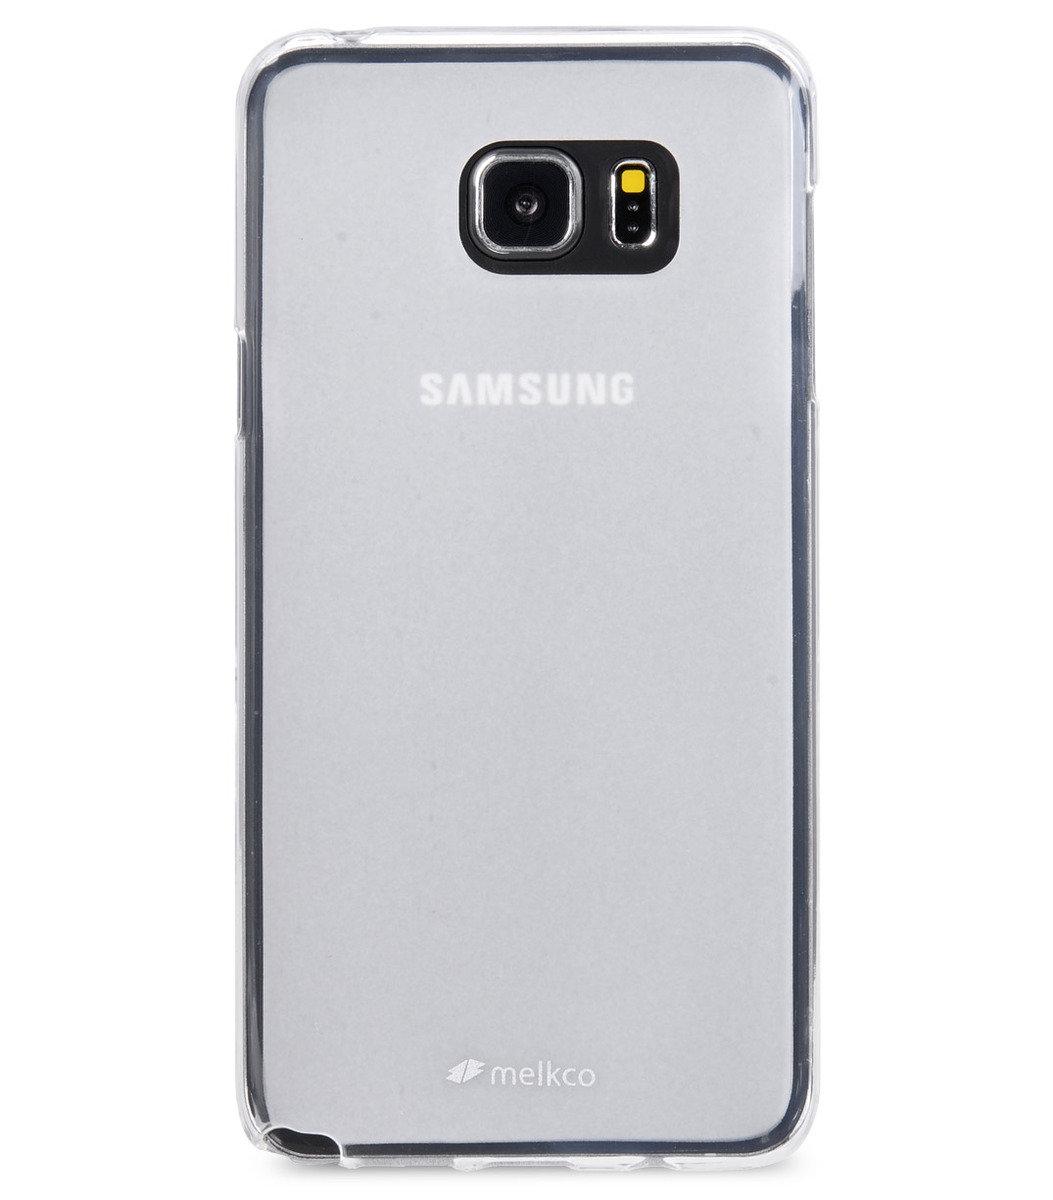 Galaxy Note 5 Poly Jacket 手機保護殼 - 透明色(附送屏幕保護貼)